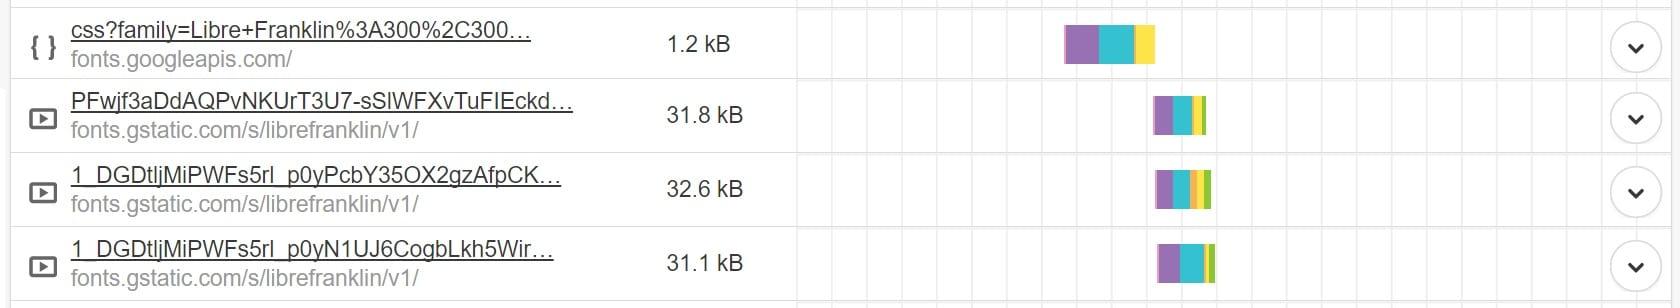 Búsqueda de DNS de Google Fonts